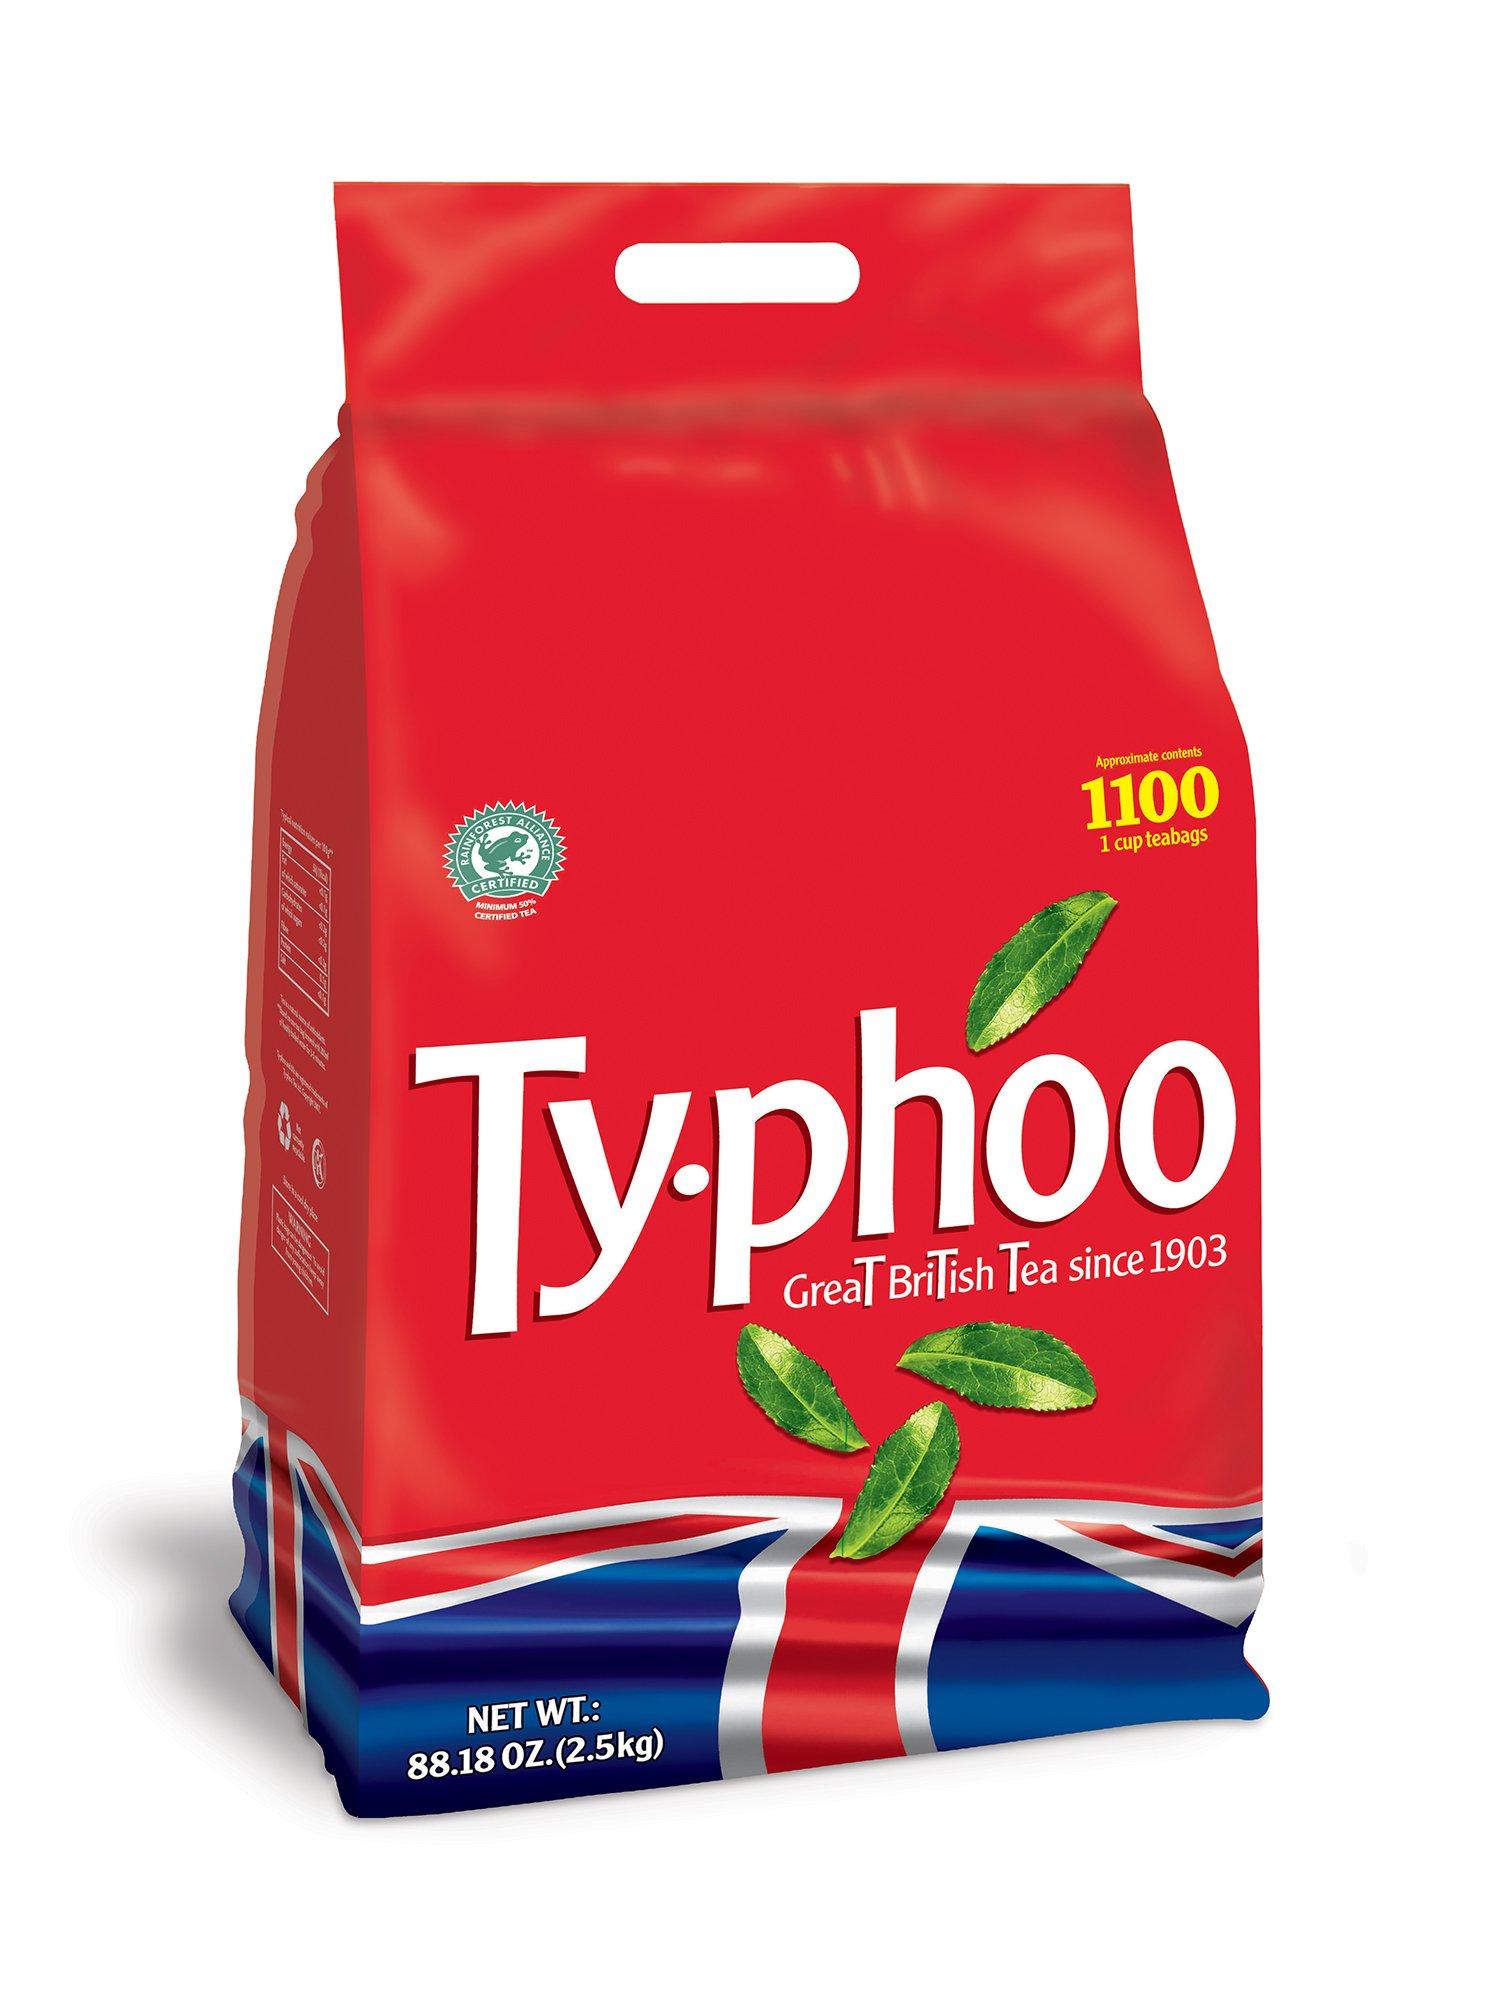 CDM product Typhoo Black Tea - 1100 Teabags big image